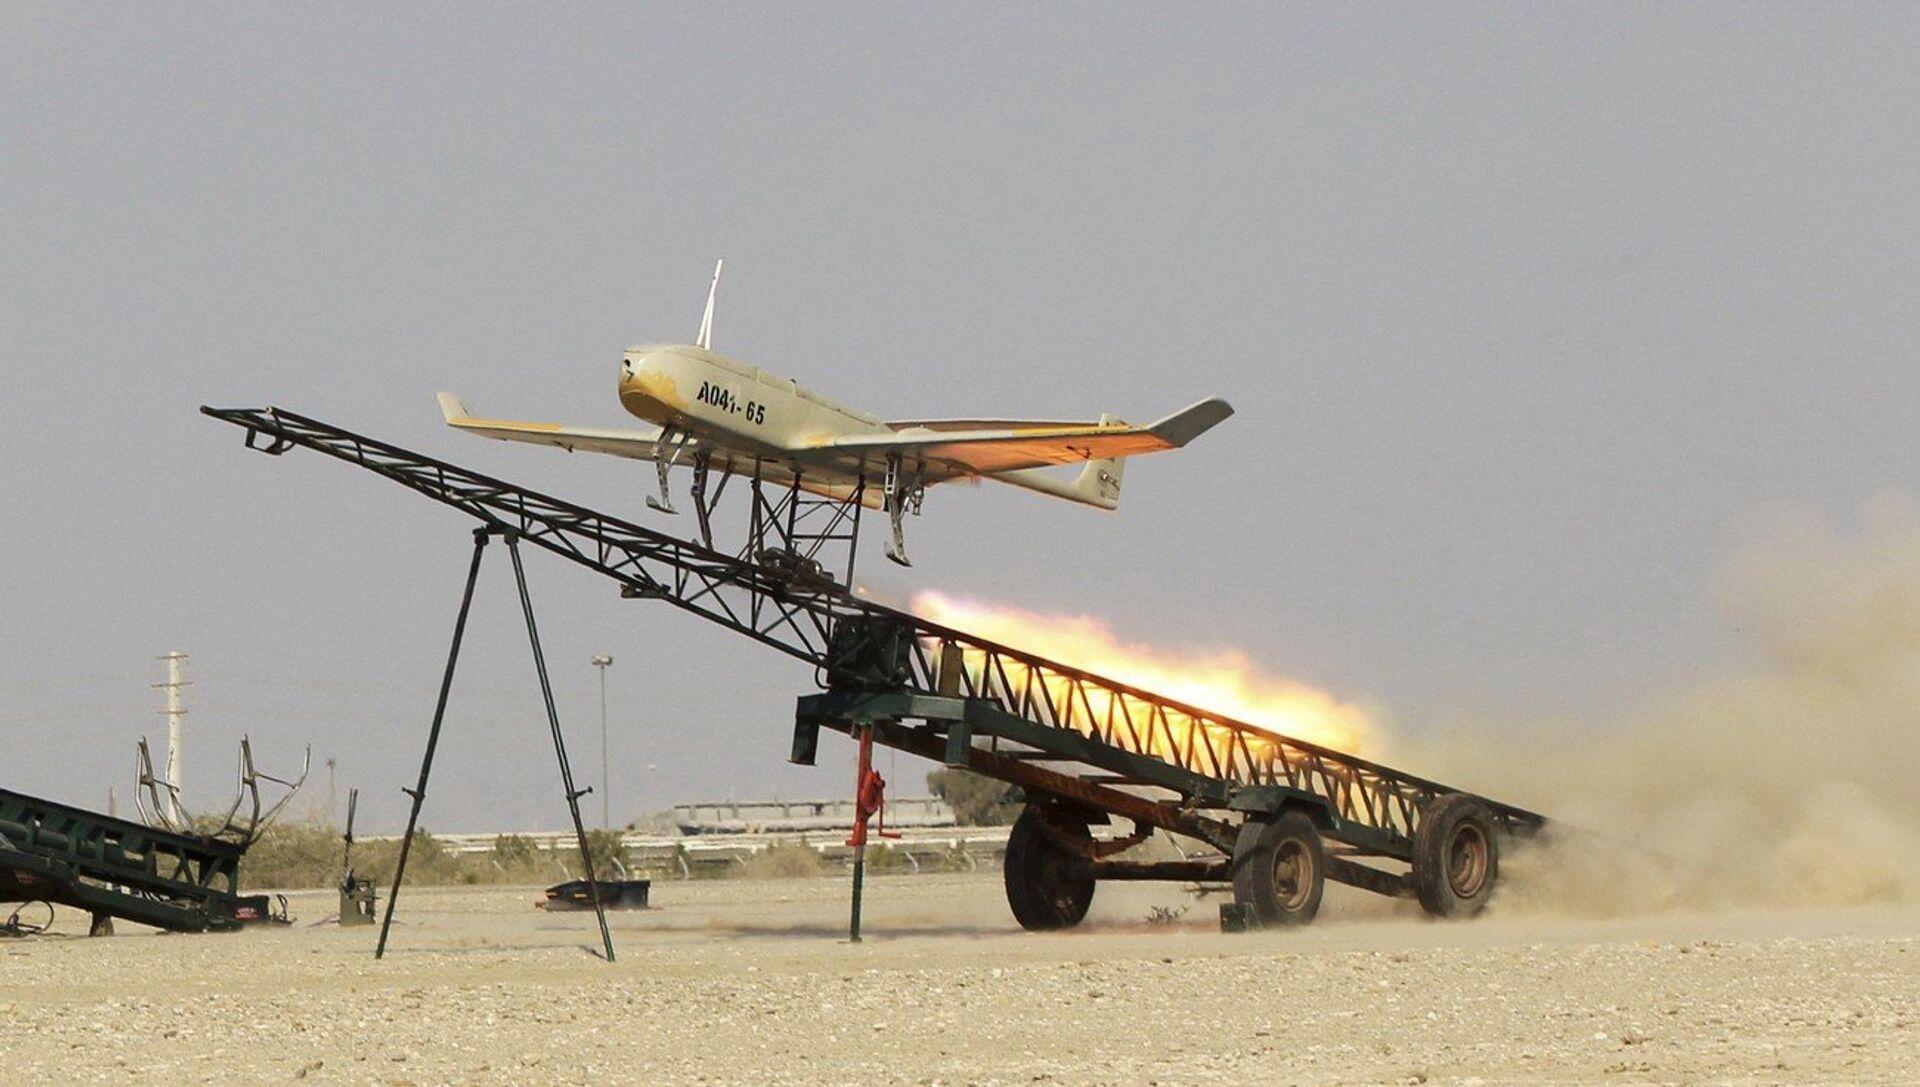 Un drone dell'Iran - Sputnik Italia, 1920, 22.04.2021